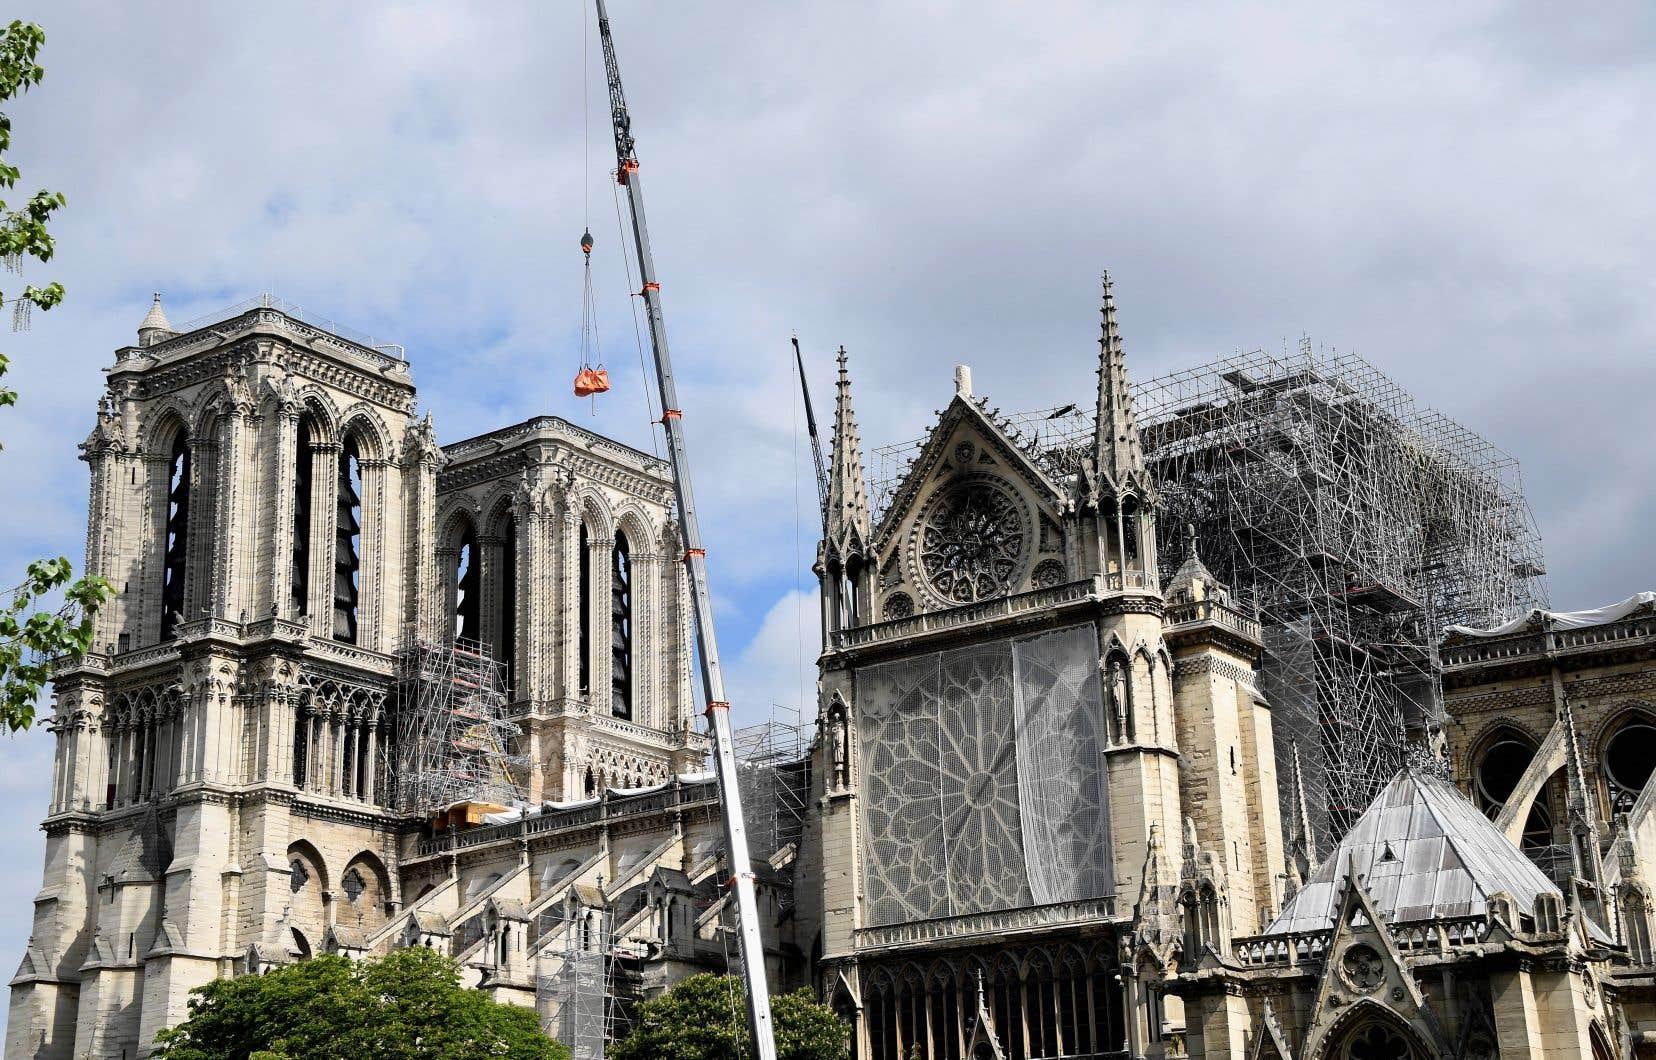 Les députés français examinent le projet de loi destiné à gérer les dons et encadrer les travaux de restauration de la cathédrale Notre-Dame, gravement endommagée par le feu le 15 avril dernier.